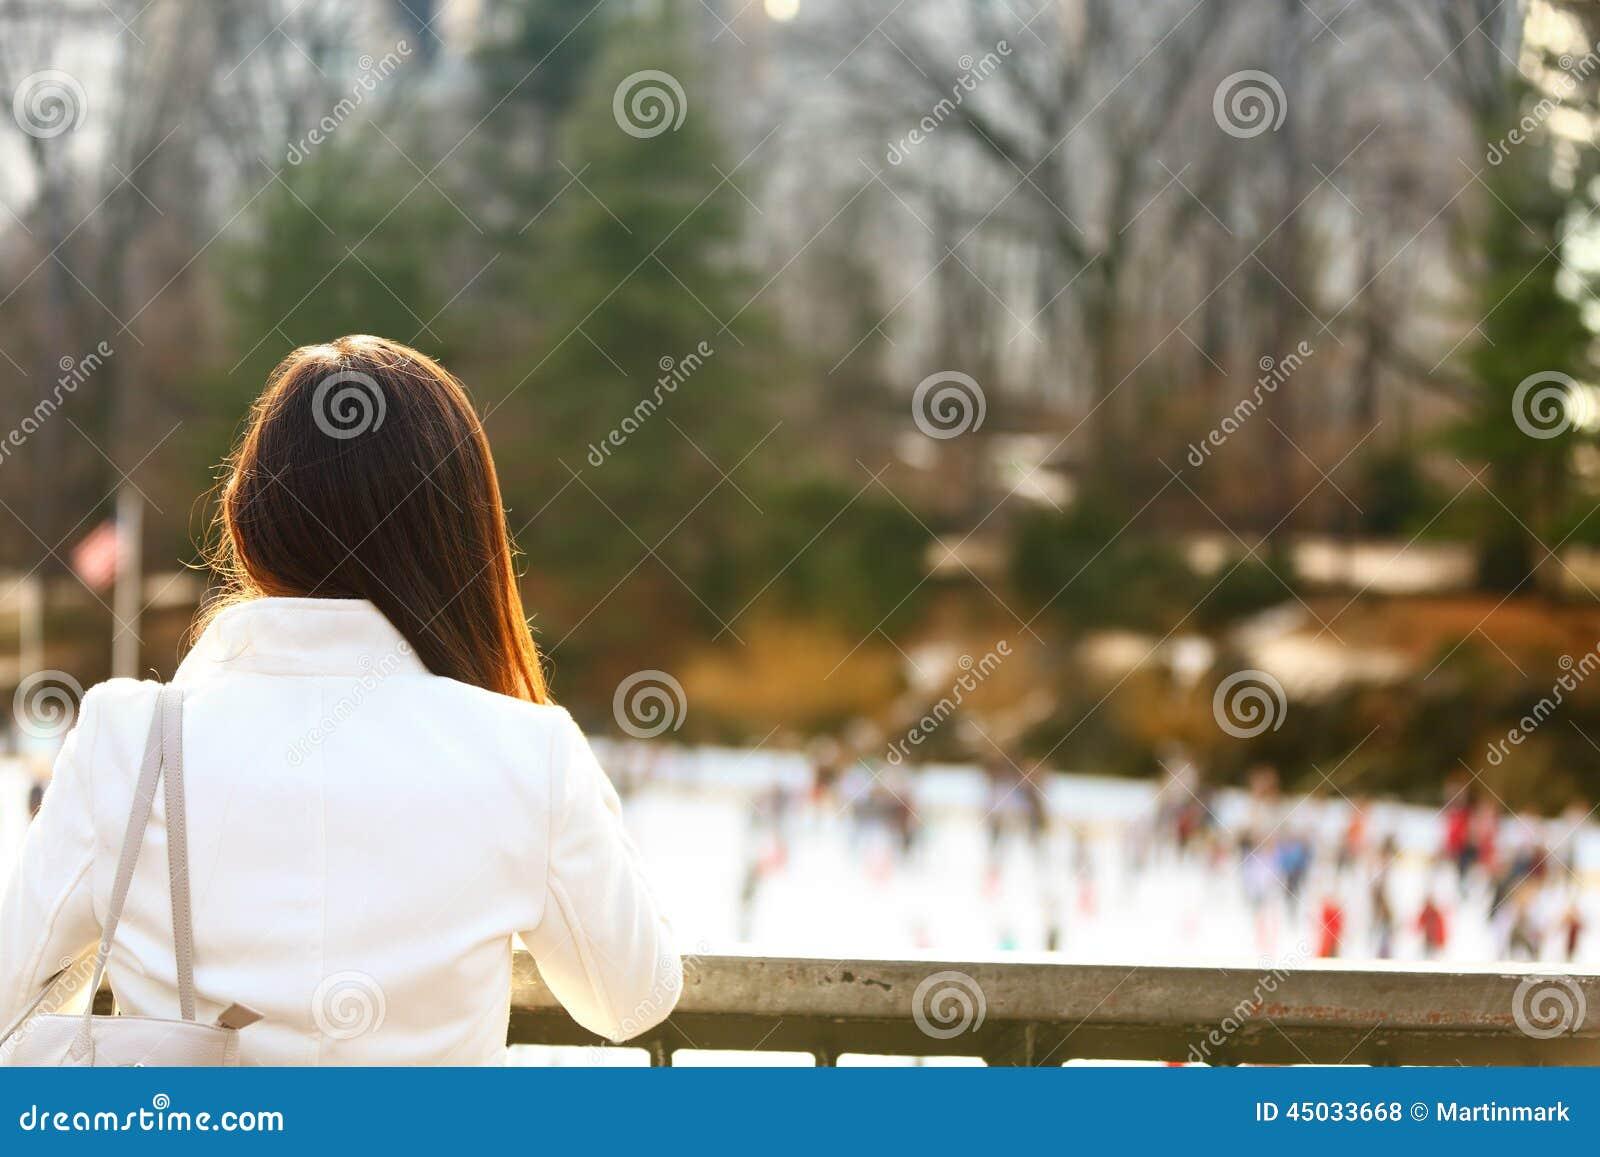 Central Park som åker skridskor isbanan - kvinna i New York City